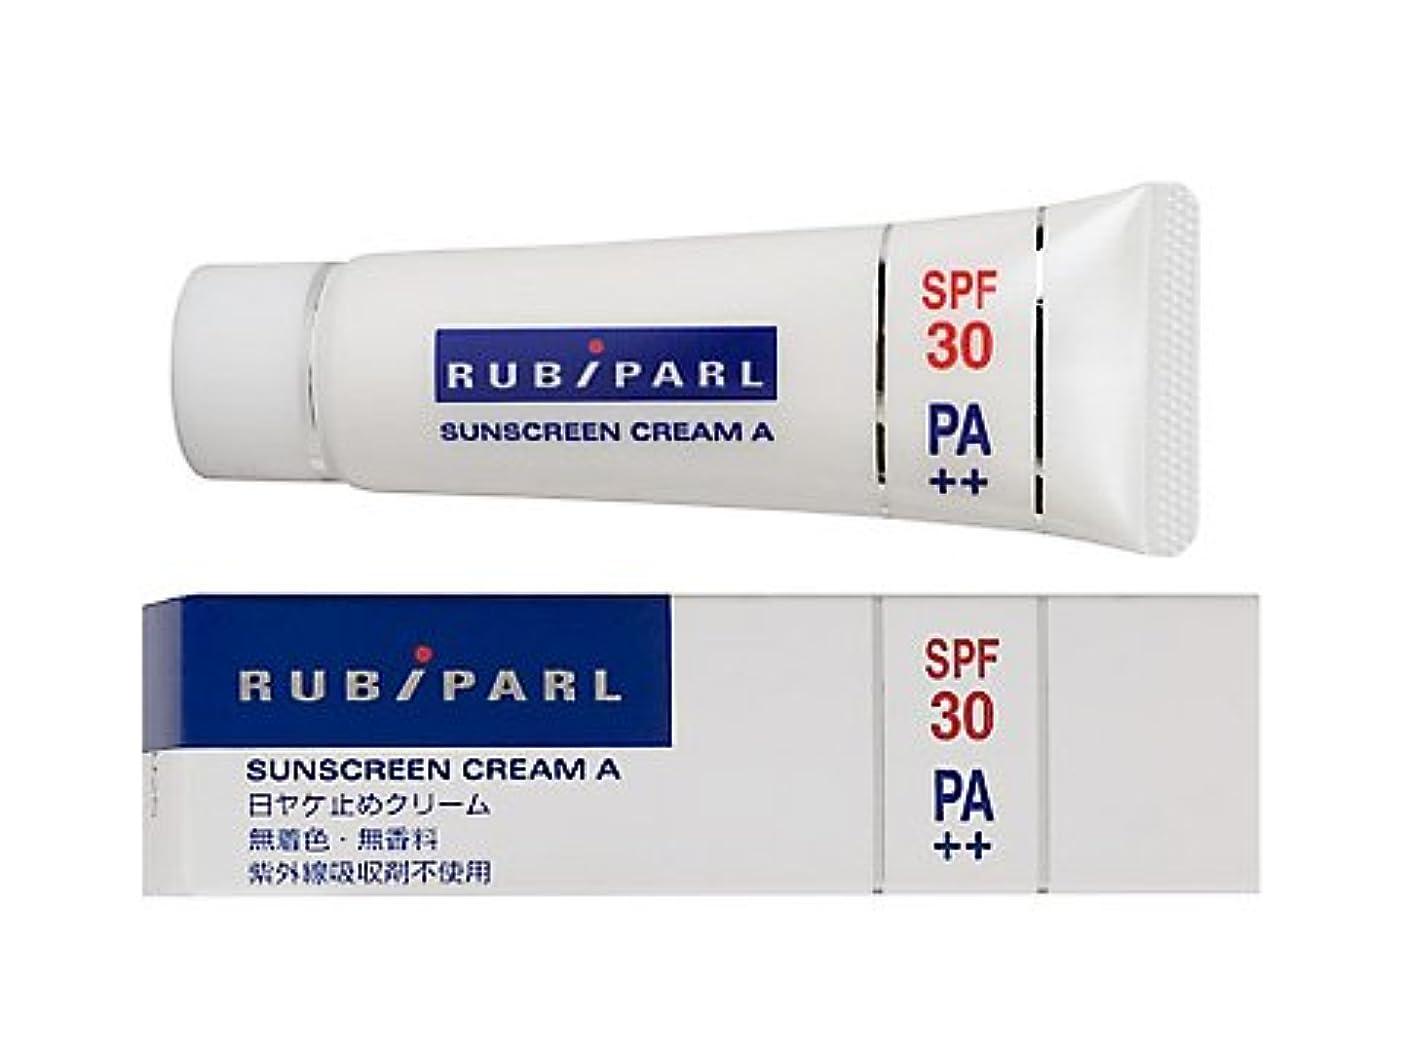 腹部民族主義圧縮されたルビパール サンスクリーンクリームA 15g (ミニ) 日ヤケ止めクリーム SPF30?PA++